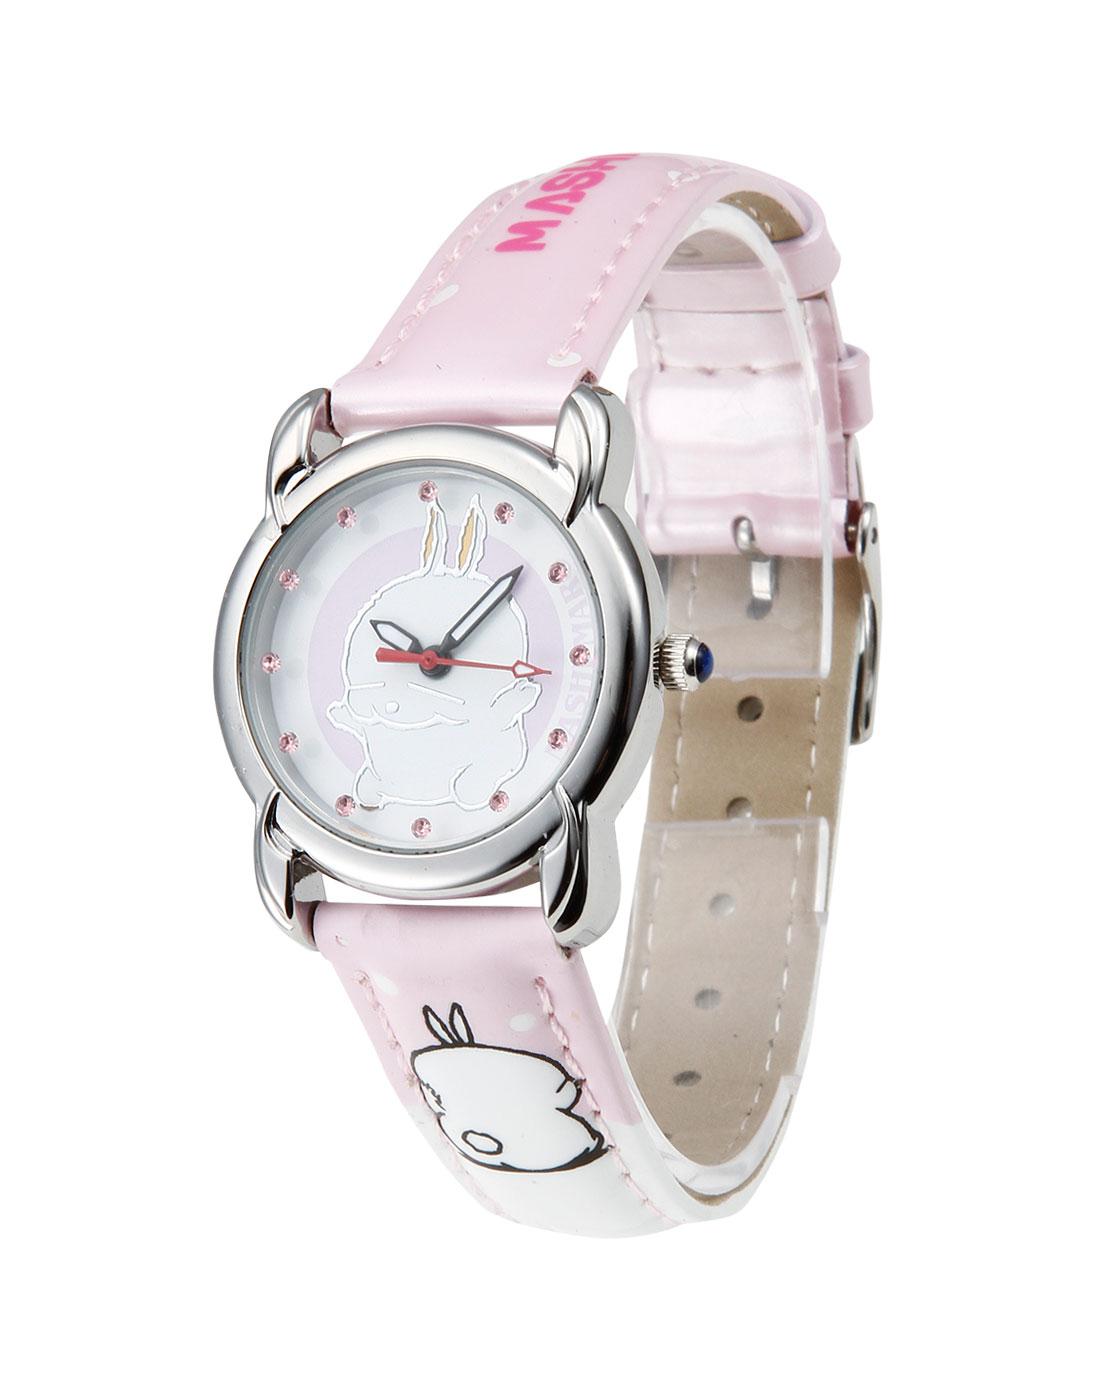 女款粉/白/银色卡通可爱简约石英手表